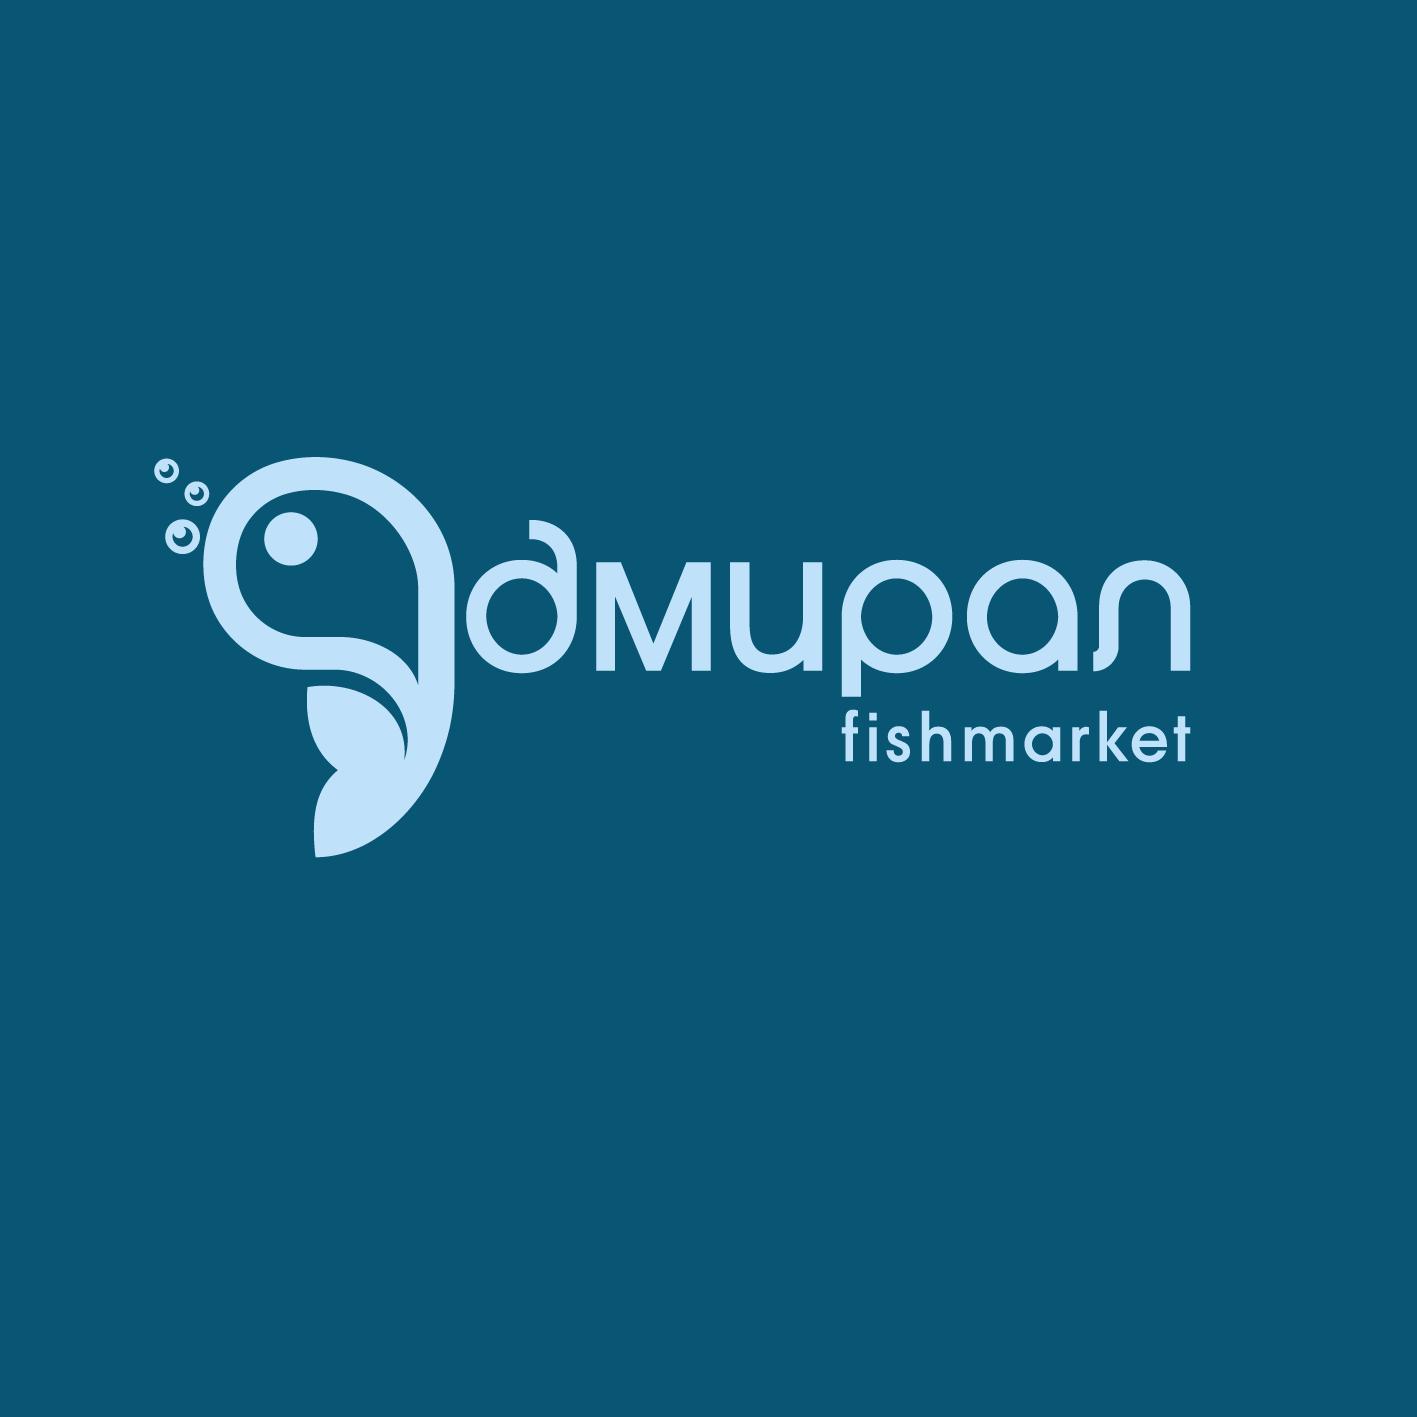 Разработка фирменного стиля для рыбного магазина фото f_0935a046e9884907.png